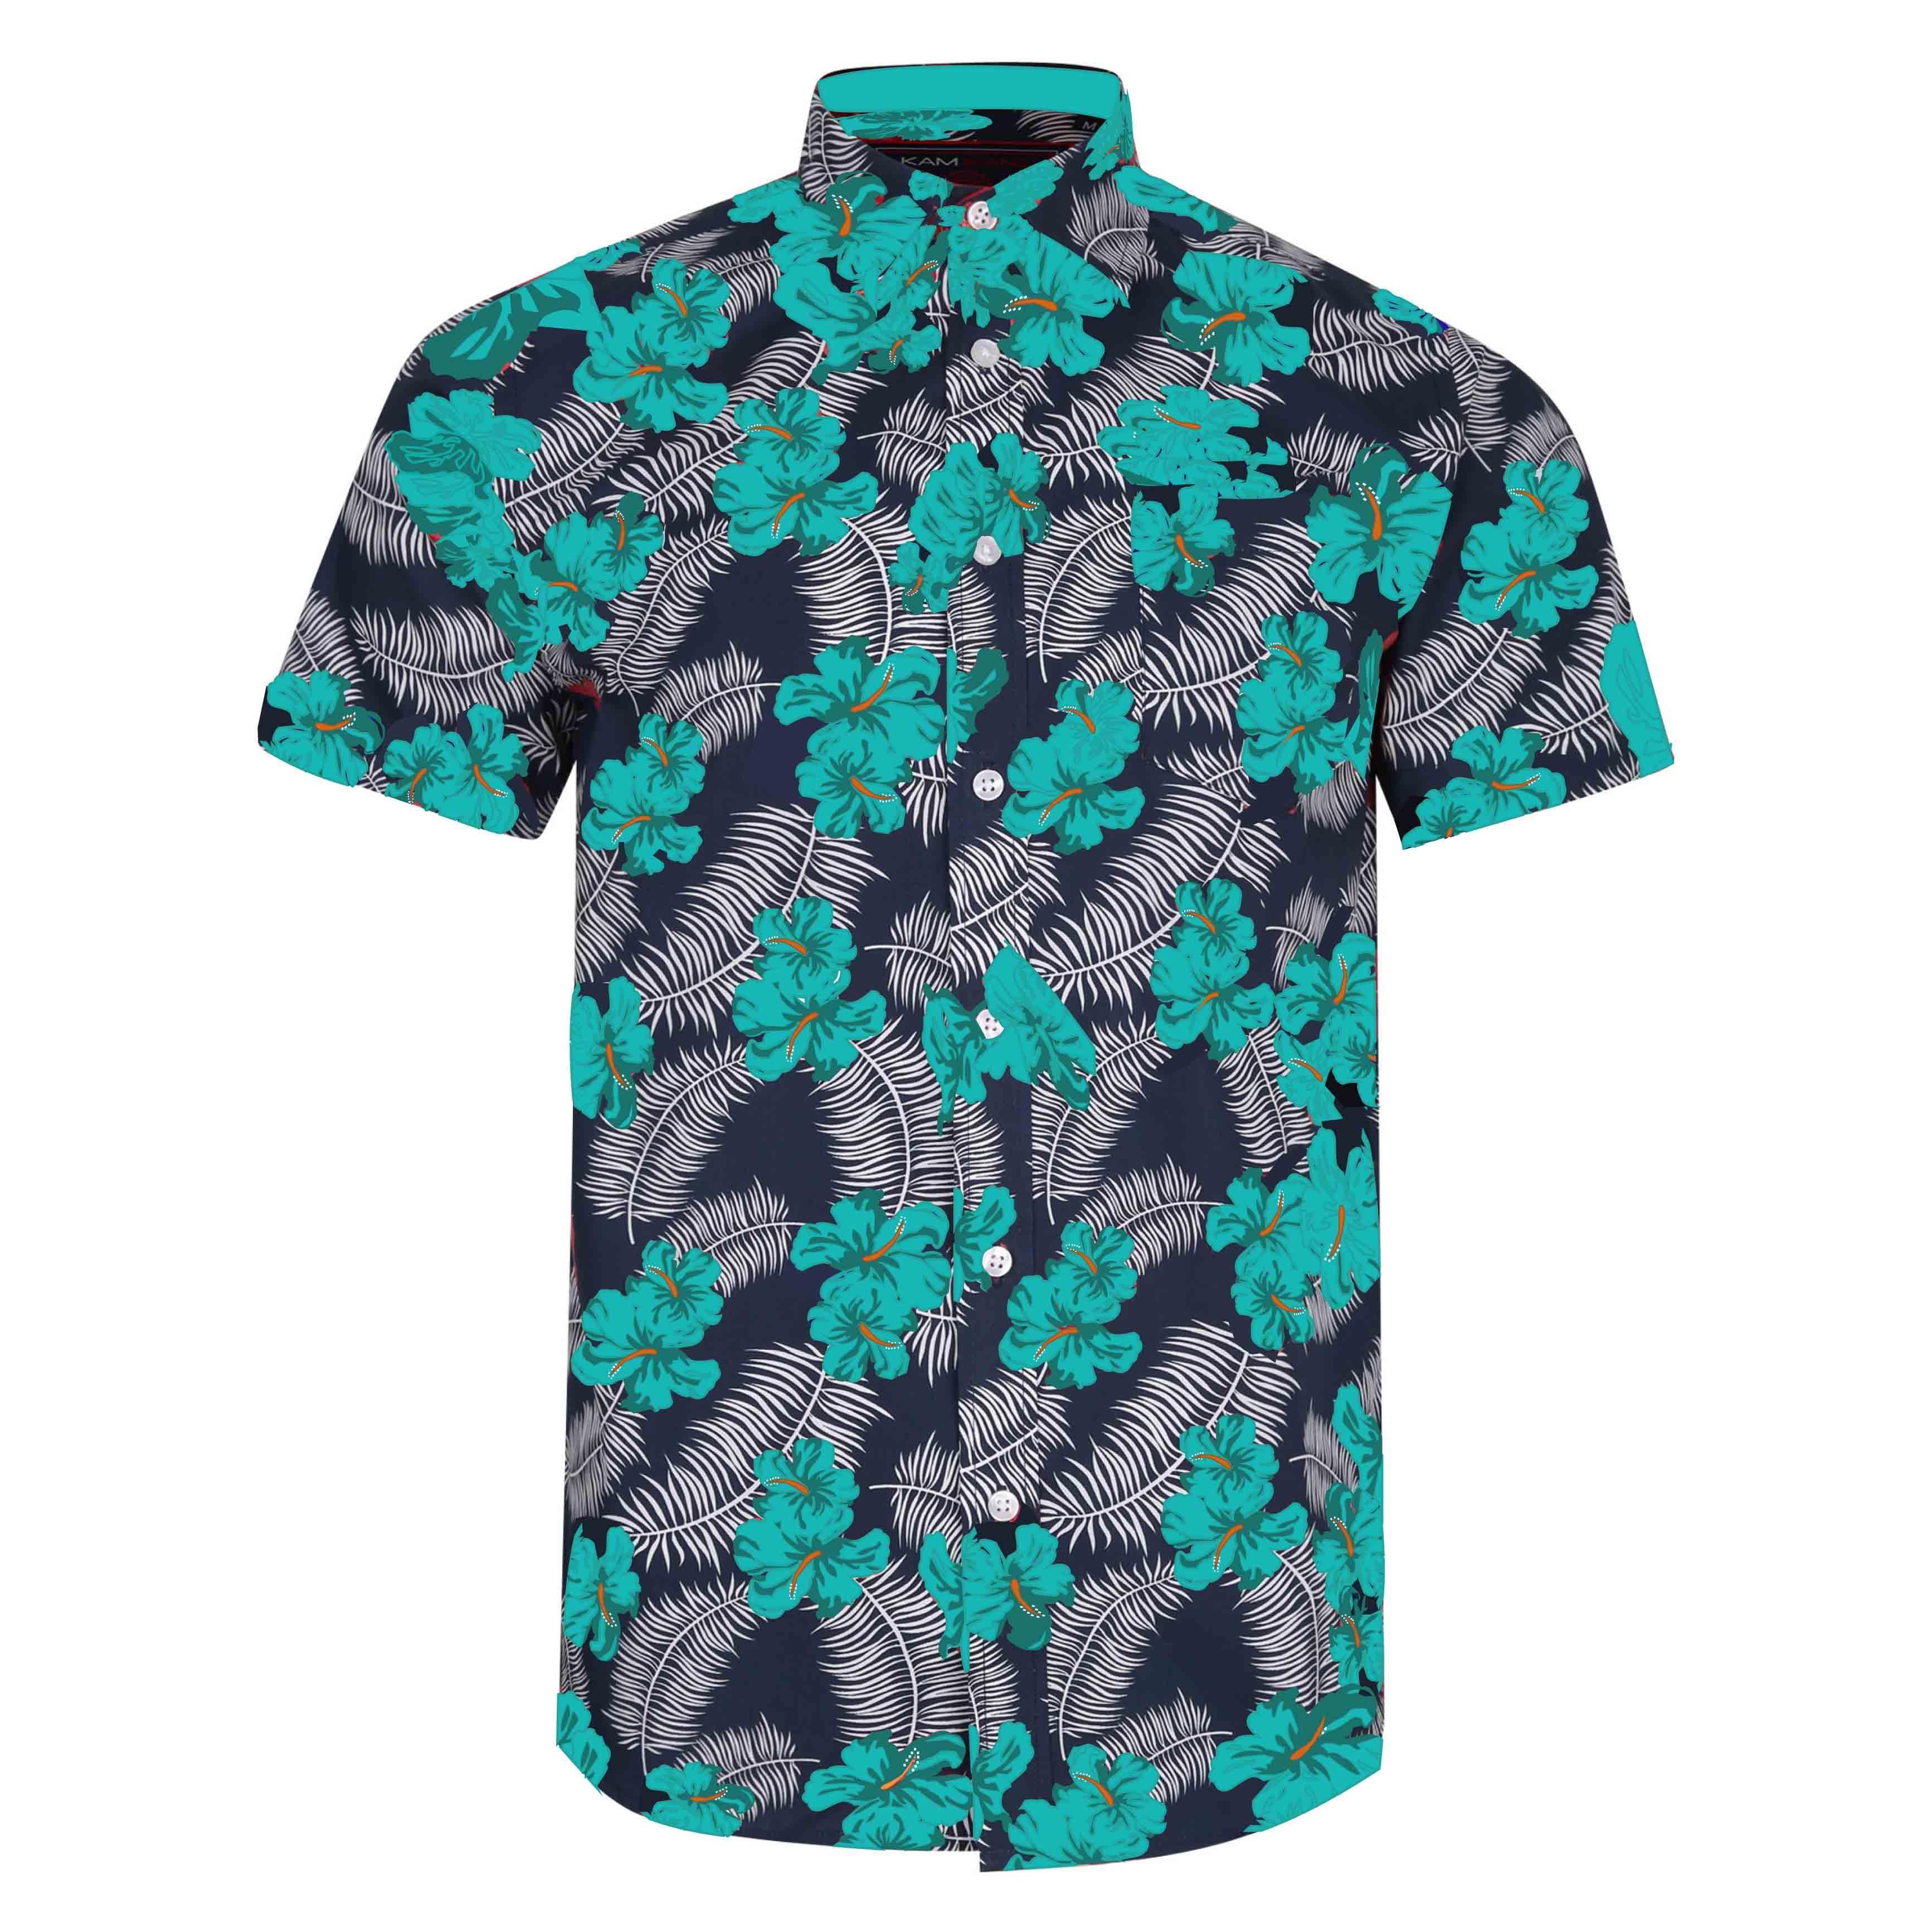 """Overhemd """"Floral"""" van merk KAM JEANSWEAR in de kleur turquoise, gemaakt van poly-cotton."""